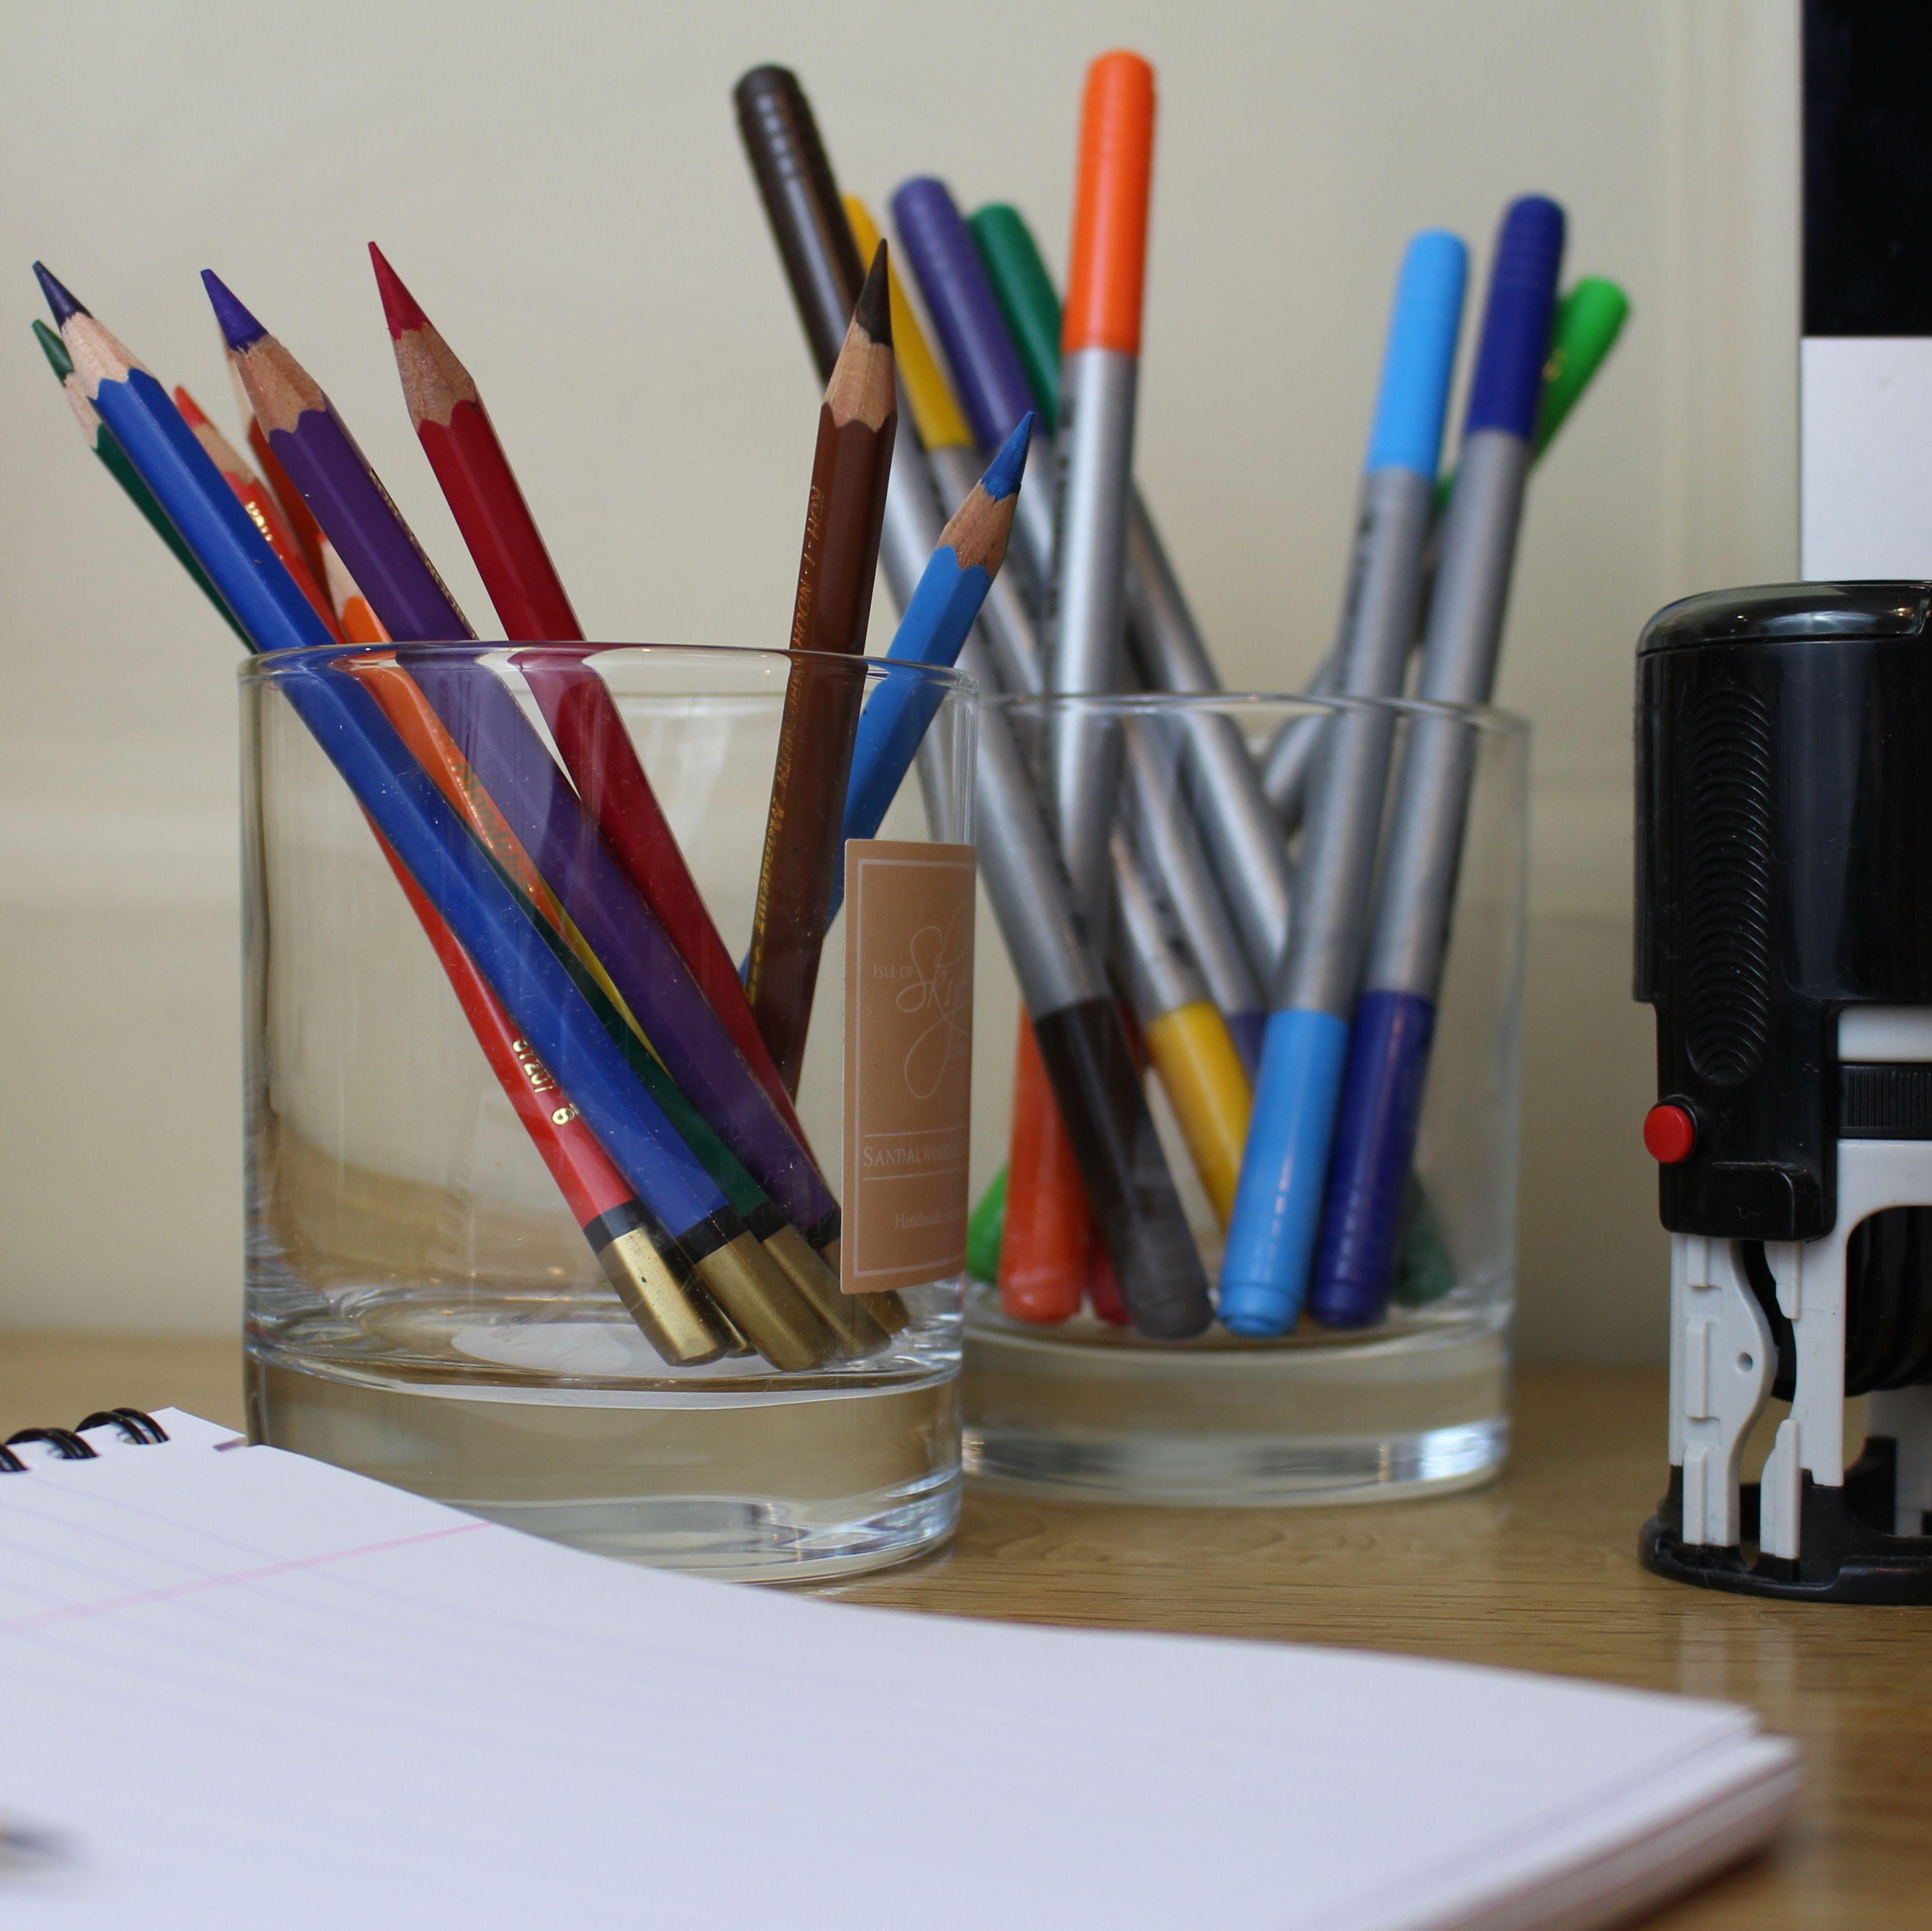 Cool handy office supplies